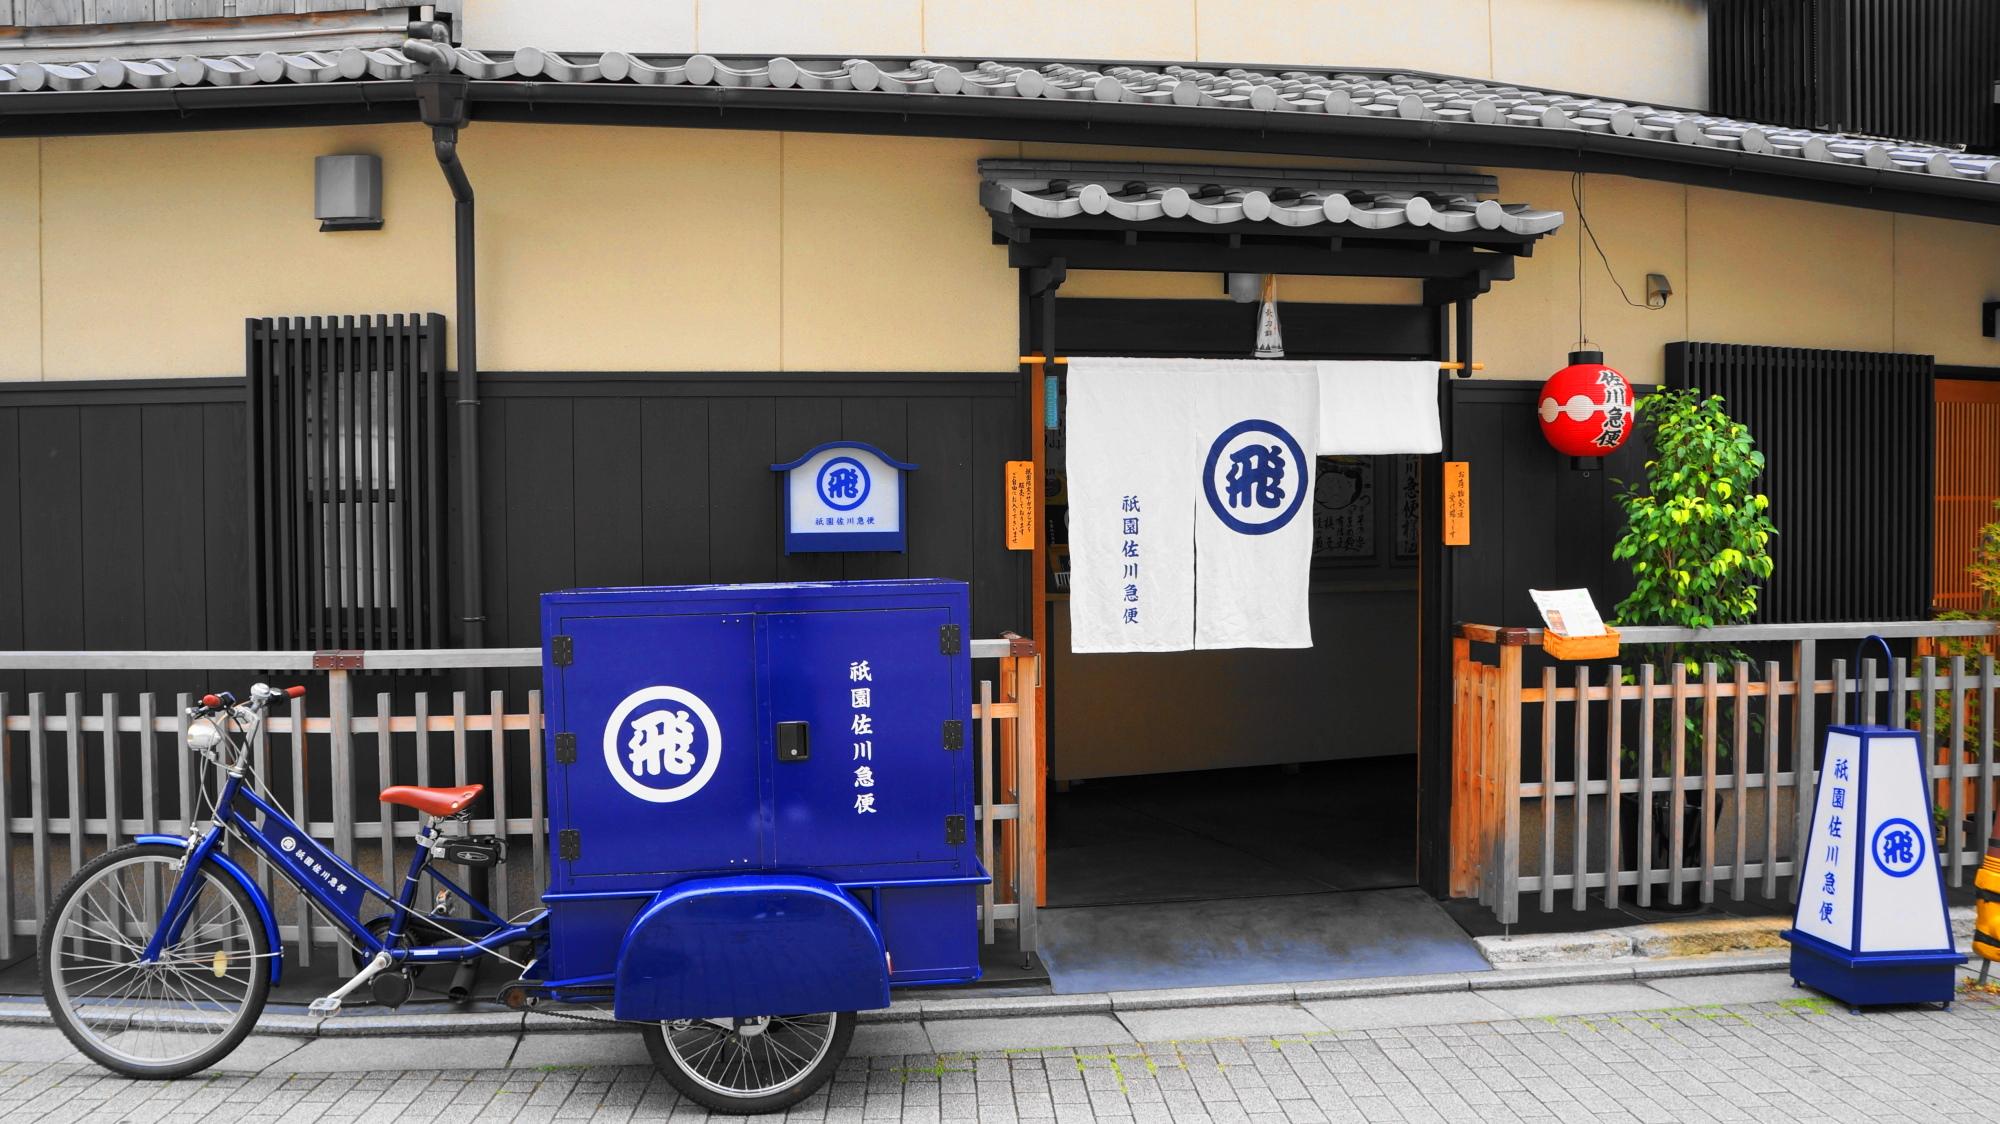 街にとけこんだ京都祇園にある京都風の祇園佐川急便